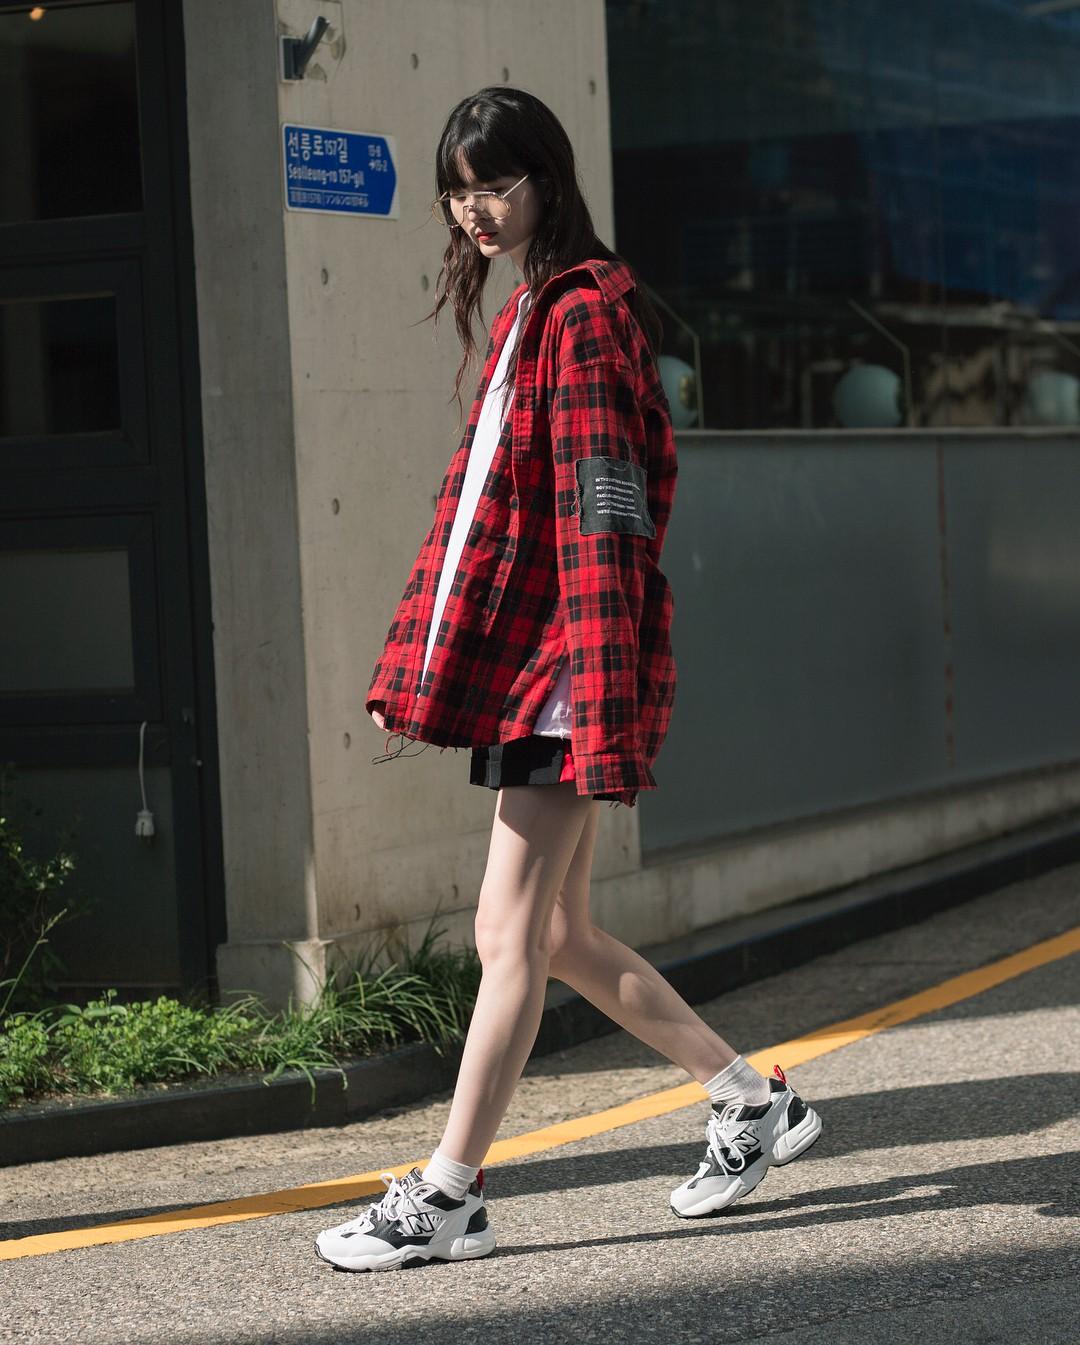 Không có lấy một set đồ bánh bèo, street style của con gái Hàn tuần qua toàn những ca cool ngầu siêu hút mắt - Ảnh 3.